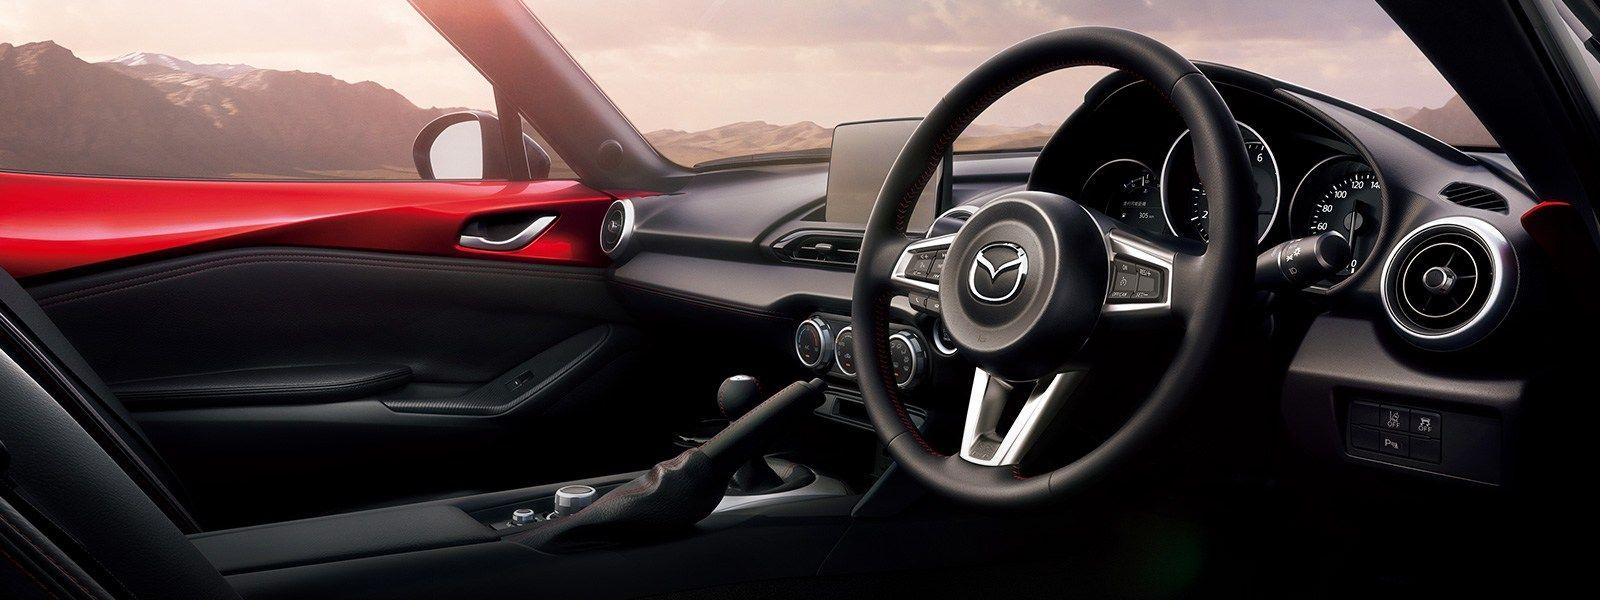 Mazda MX-5 2019 (11)